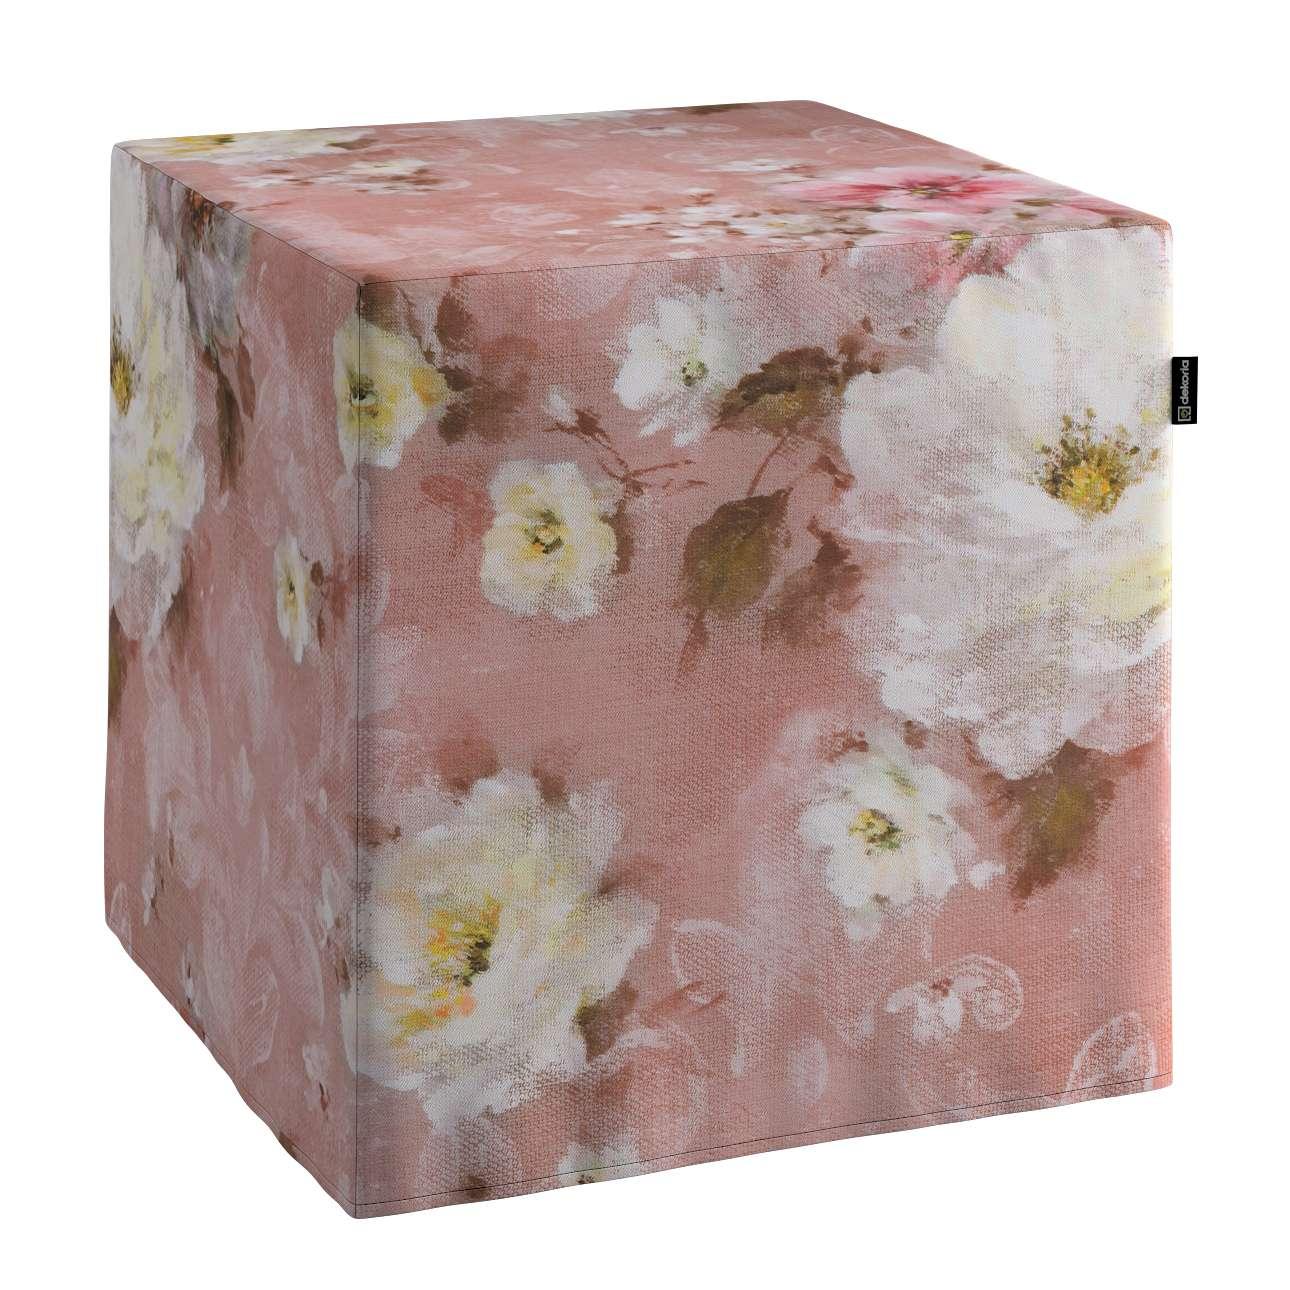 Sedák kostka - pevná 40 x 40 x 40 cm v kolekci Monet, látka: 137-83